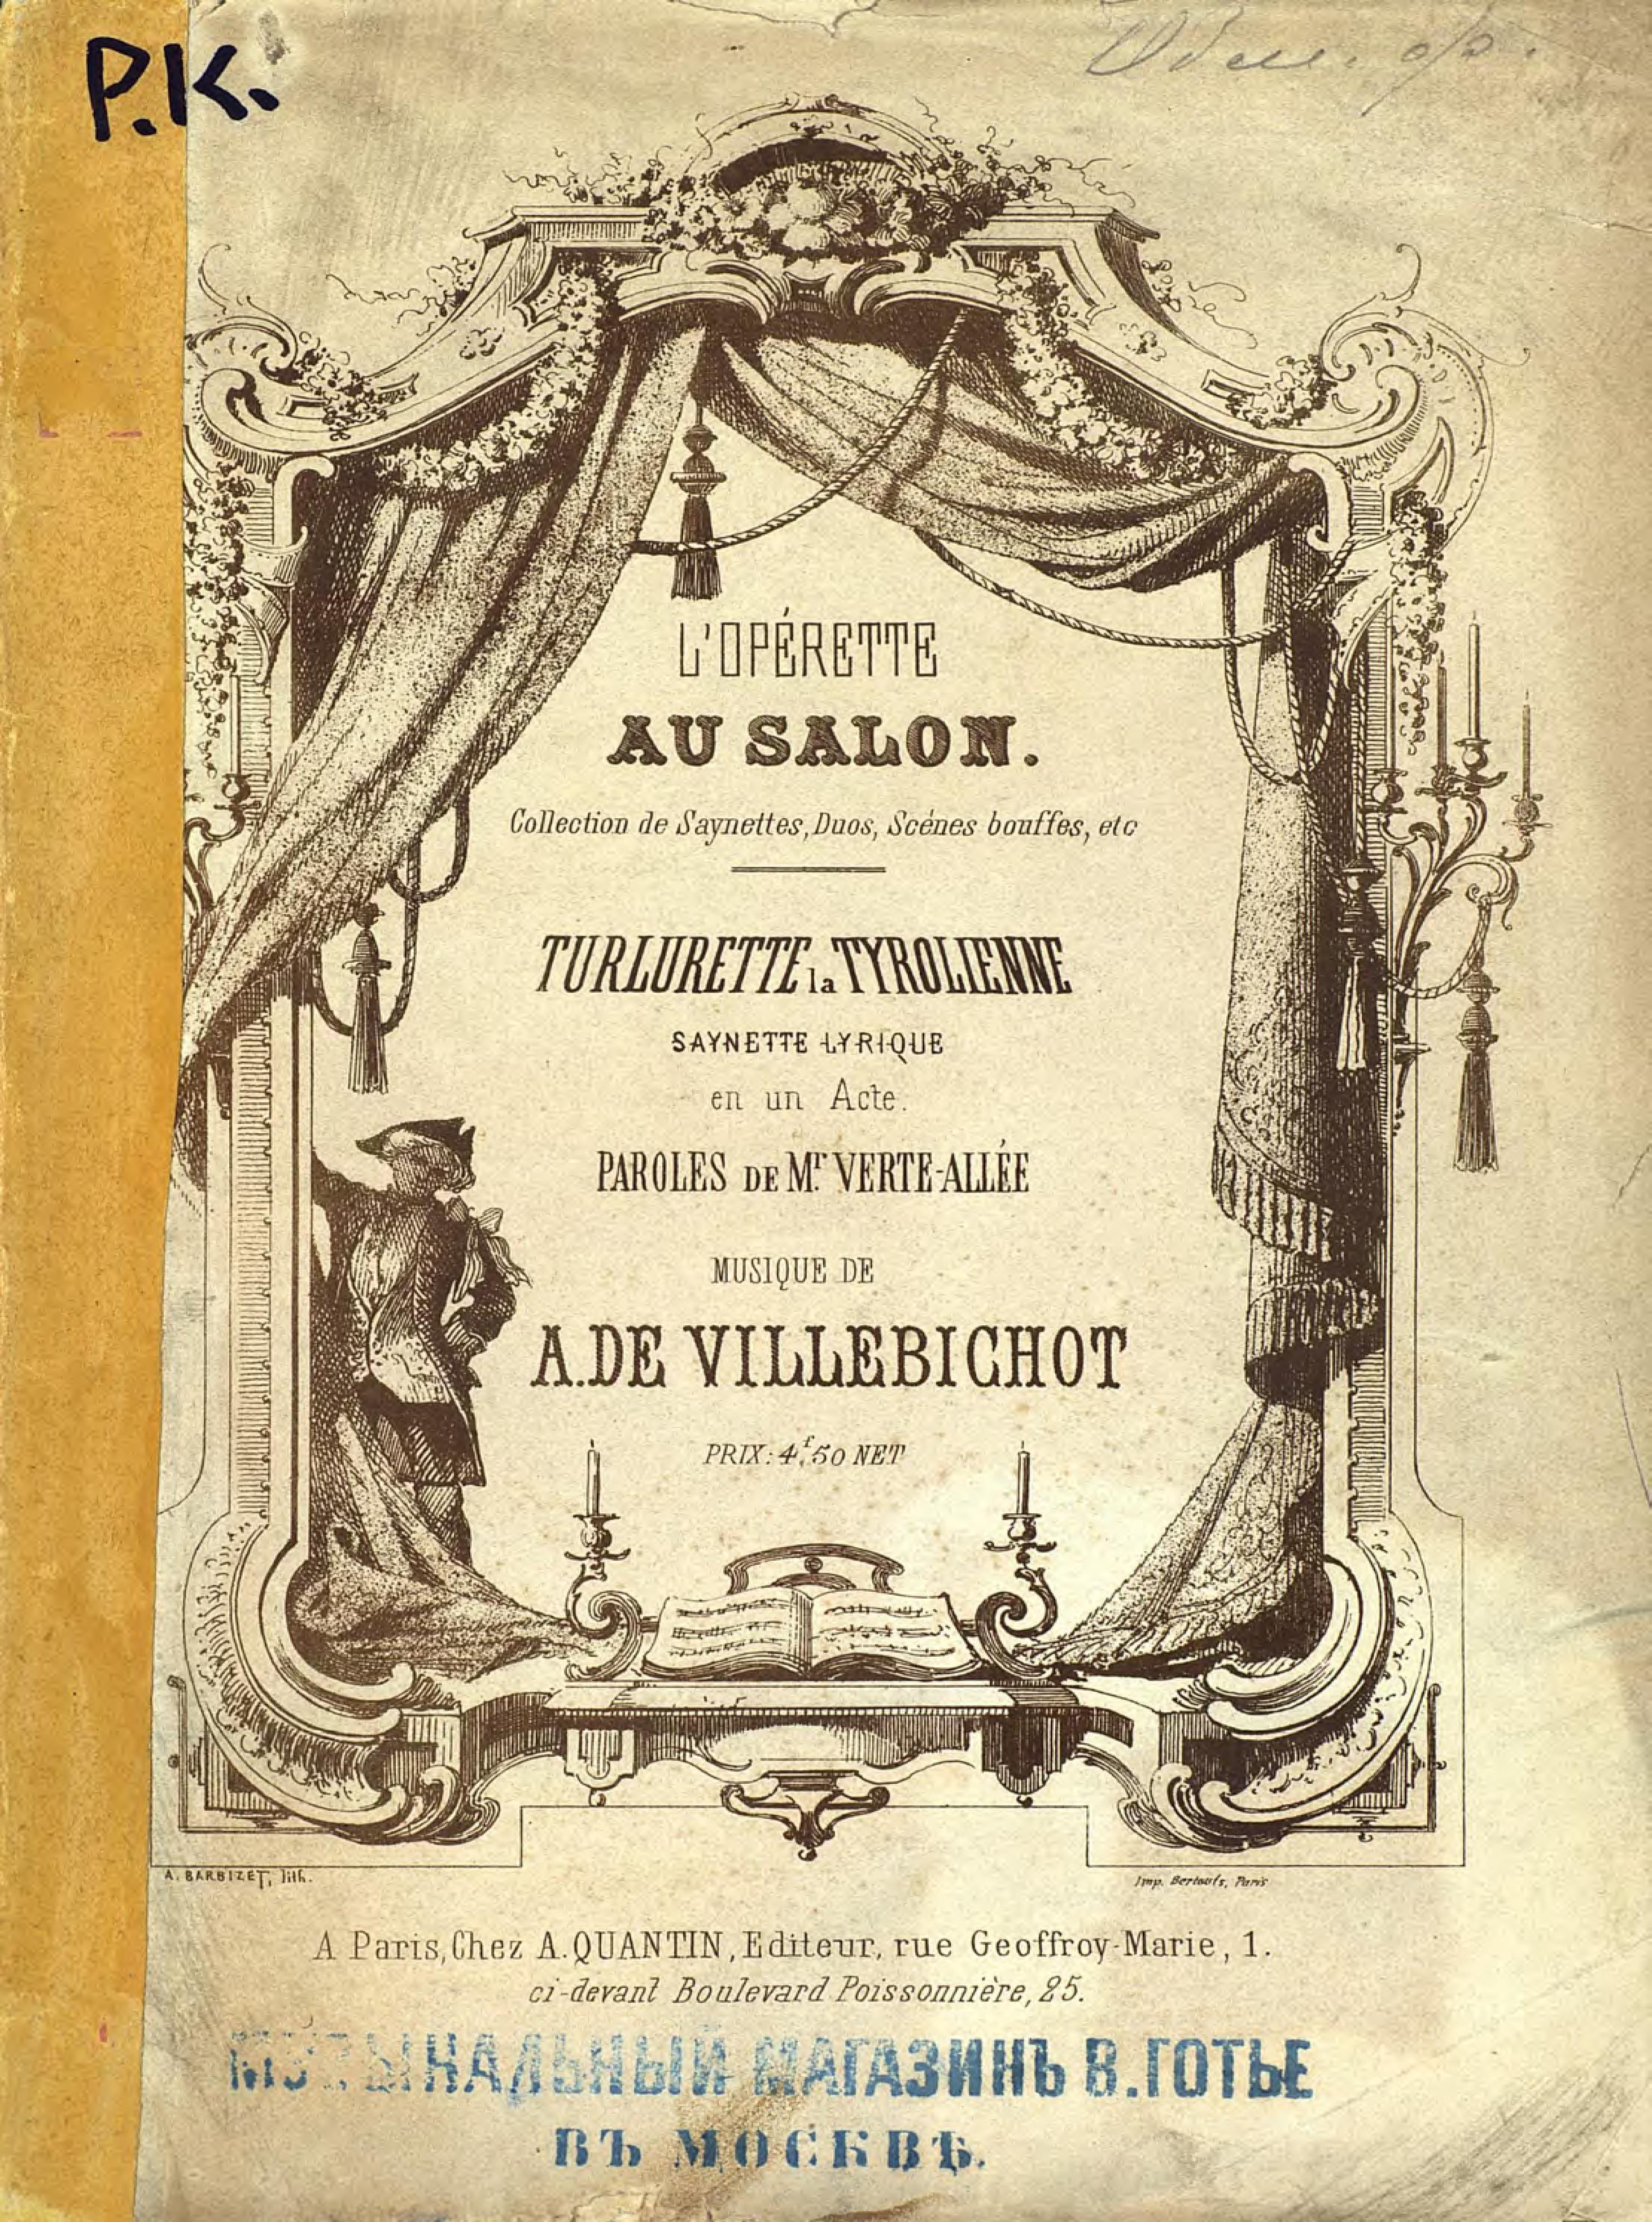 Вильбишот А. Turlurette la Tyrolienne c neustedt premiere tyrolienne originale